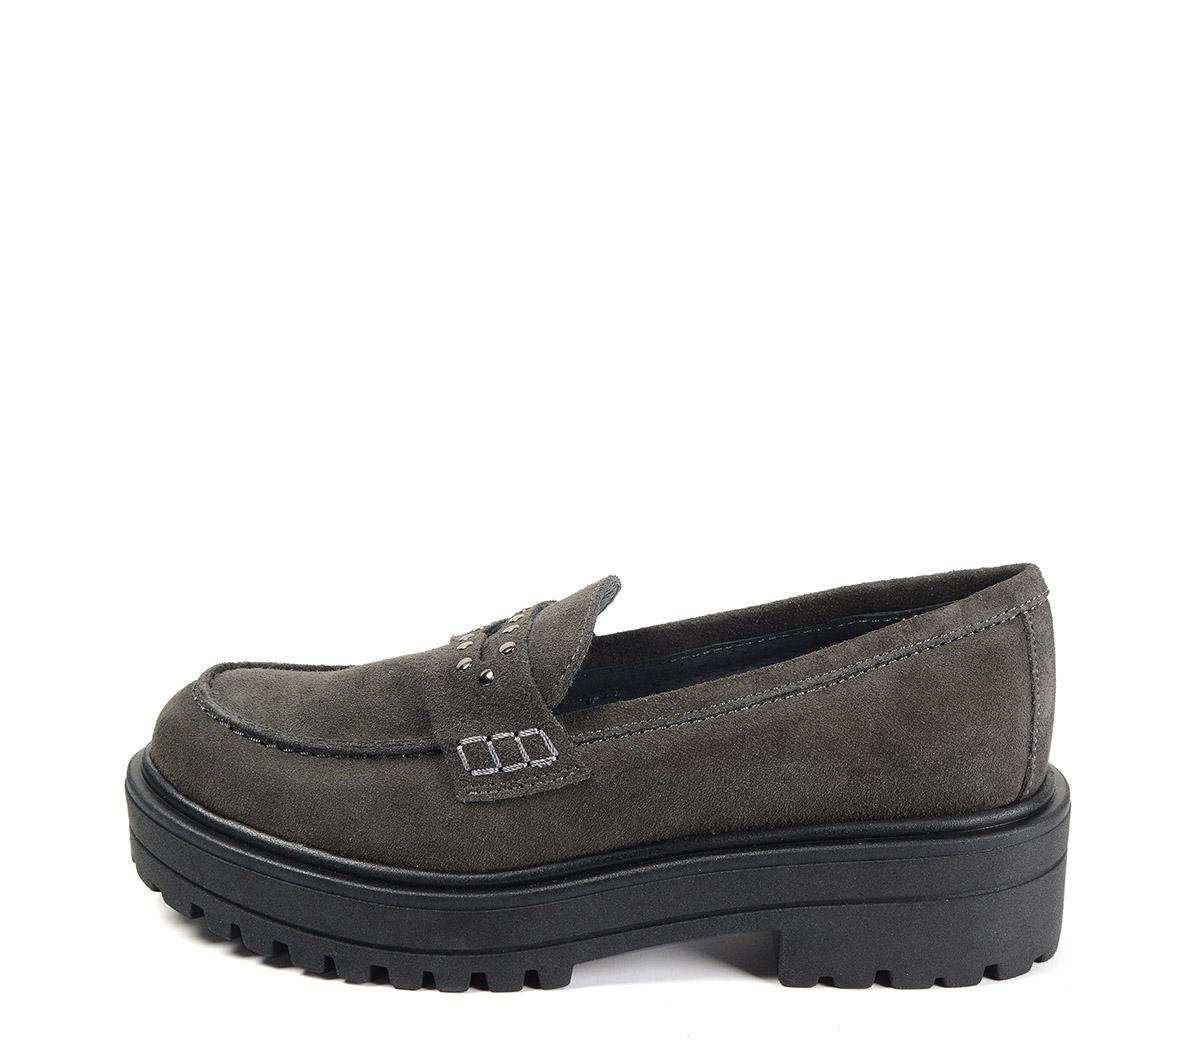 Ref. 4076 Zapato mocasín serraje gris con detalle tachas en el antifaz. Suela dentada. Tacón de 4.5 cm y plataforma de 3 cm.